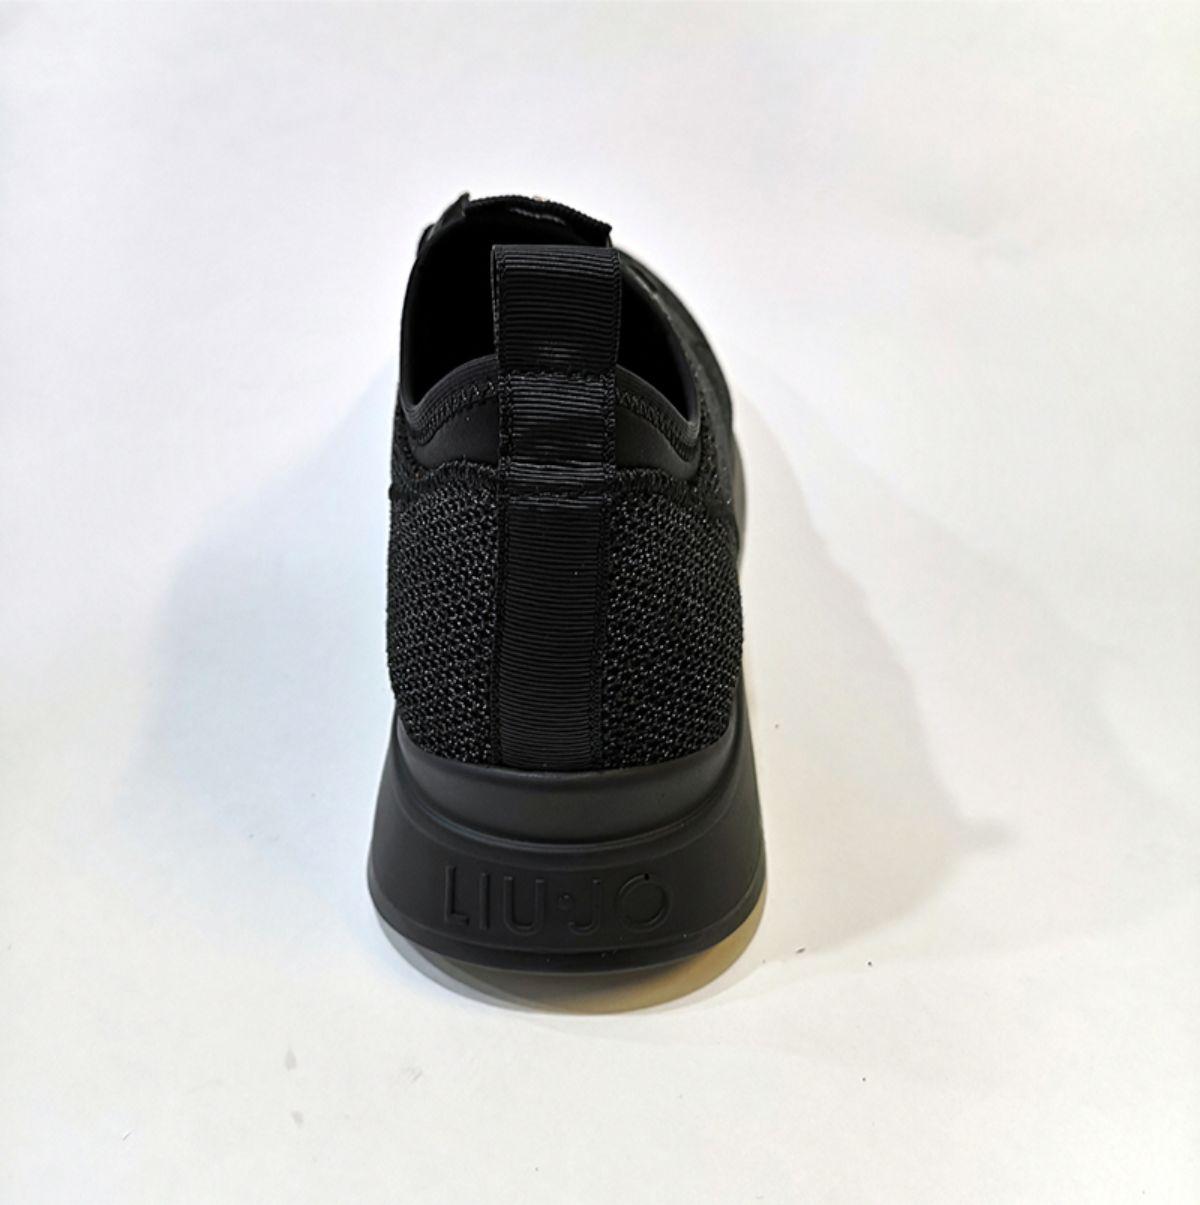 B69007-TX047 ASIA 04 SLIP-ON BLACK 4